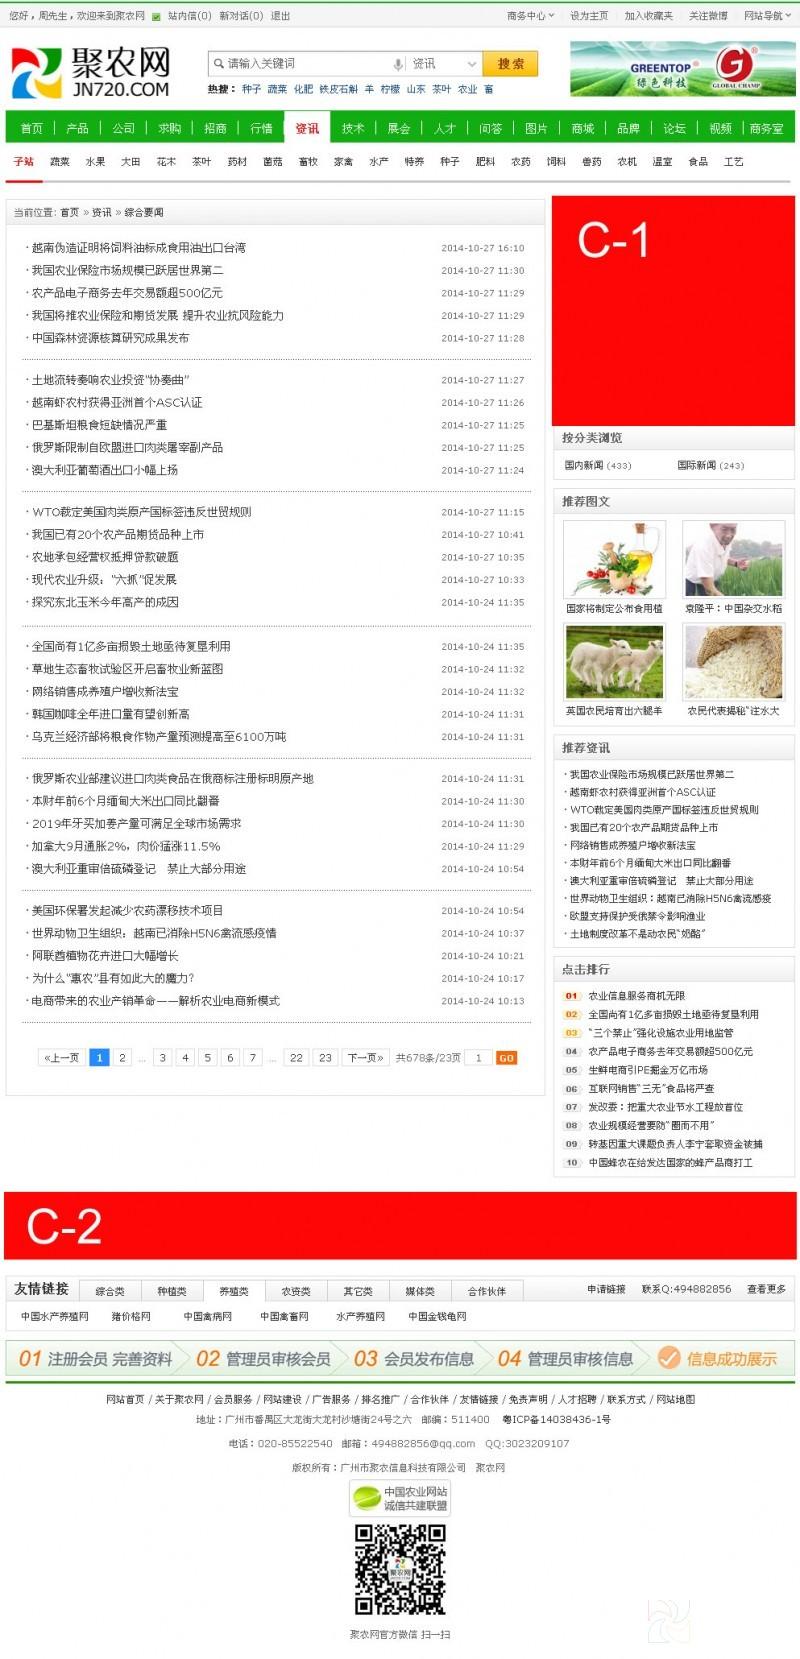 广告价格图C级页面